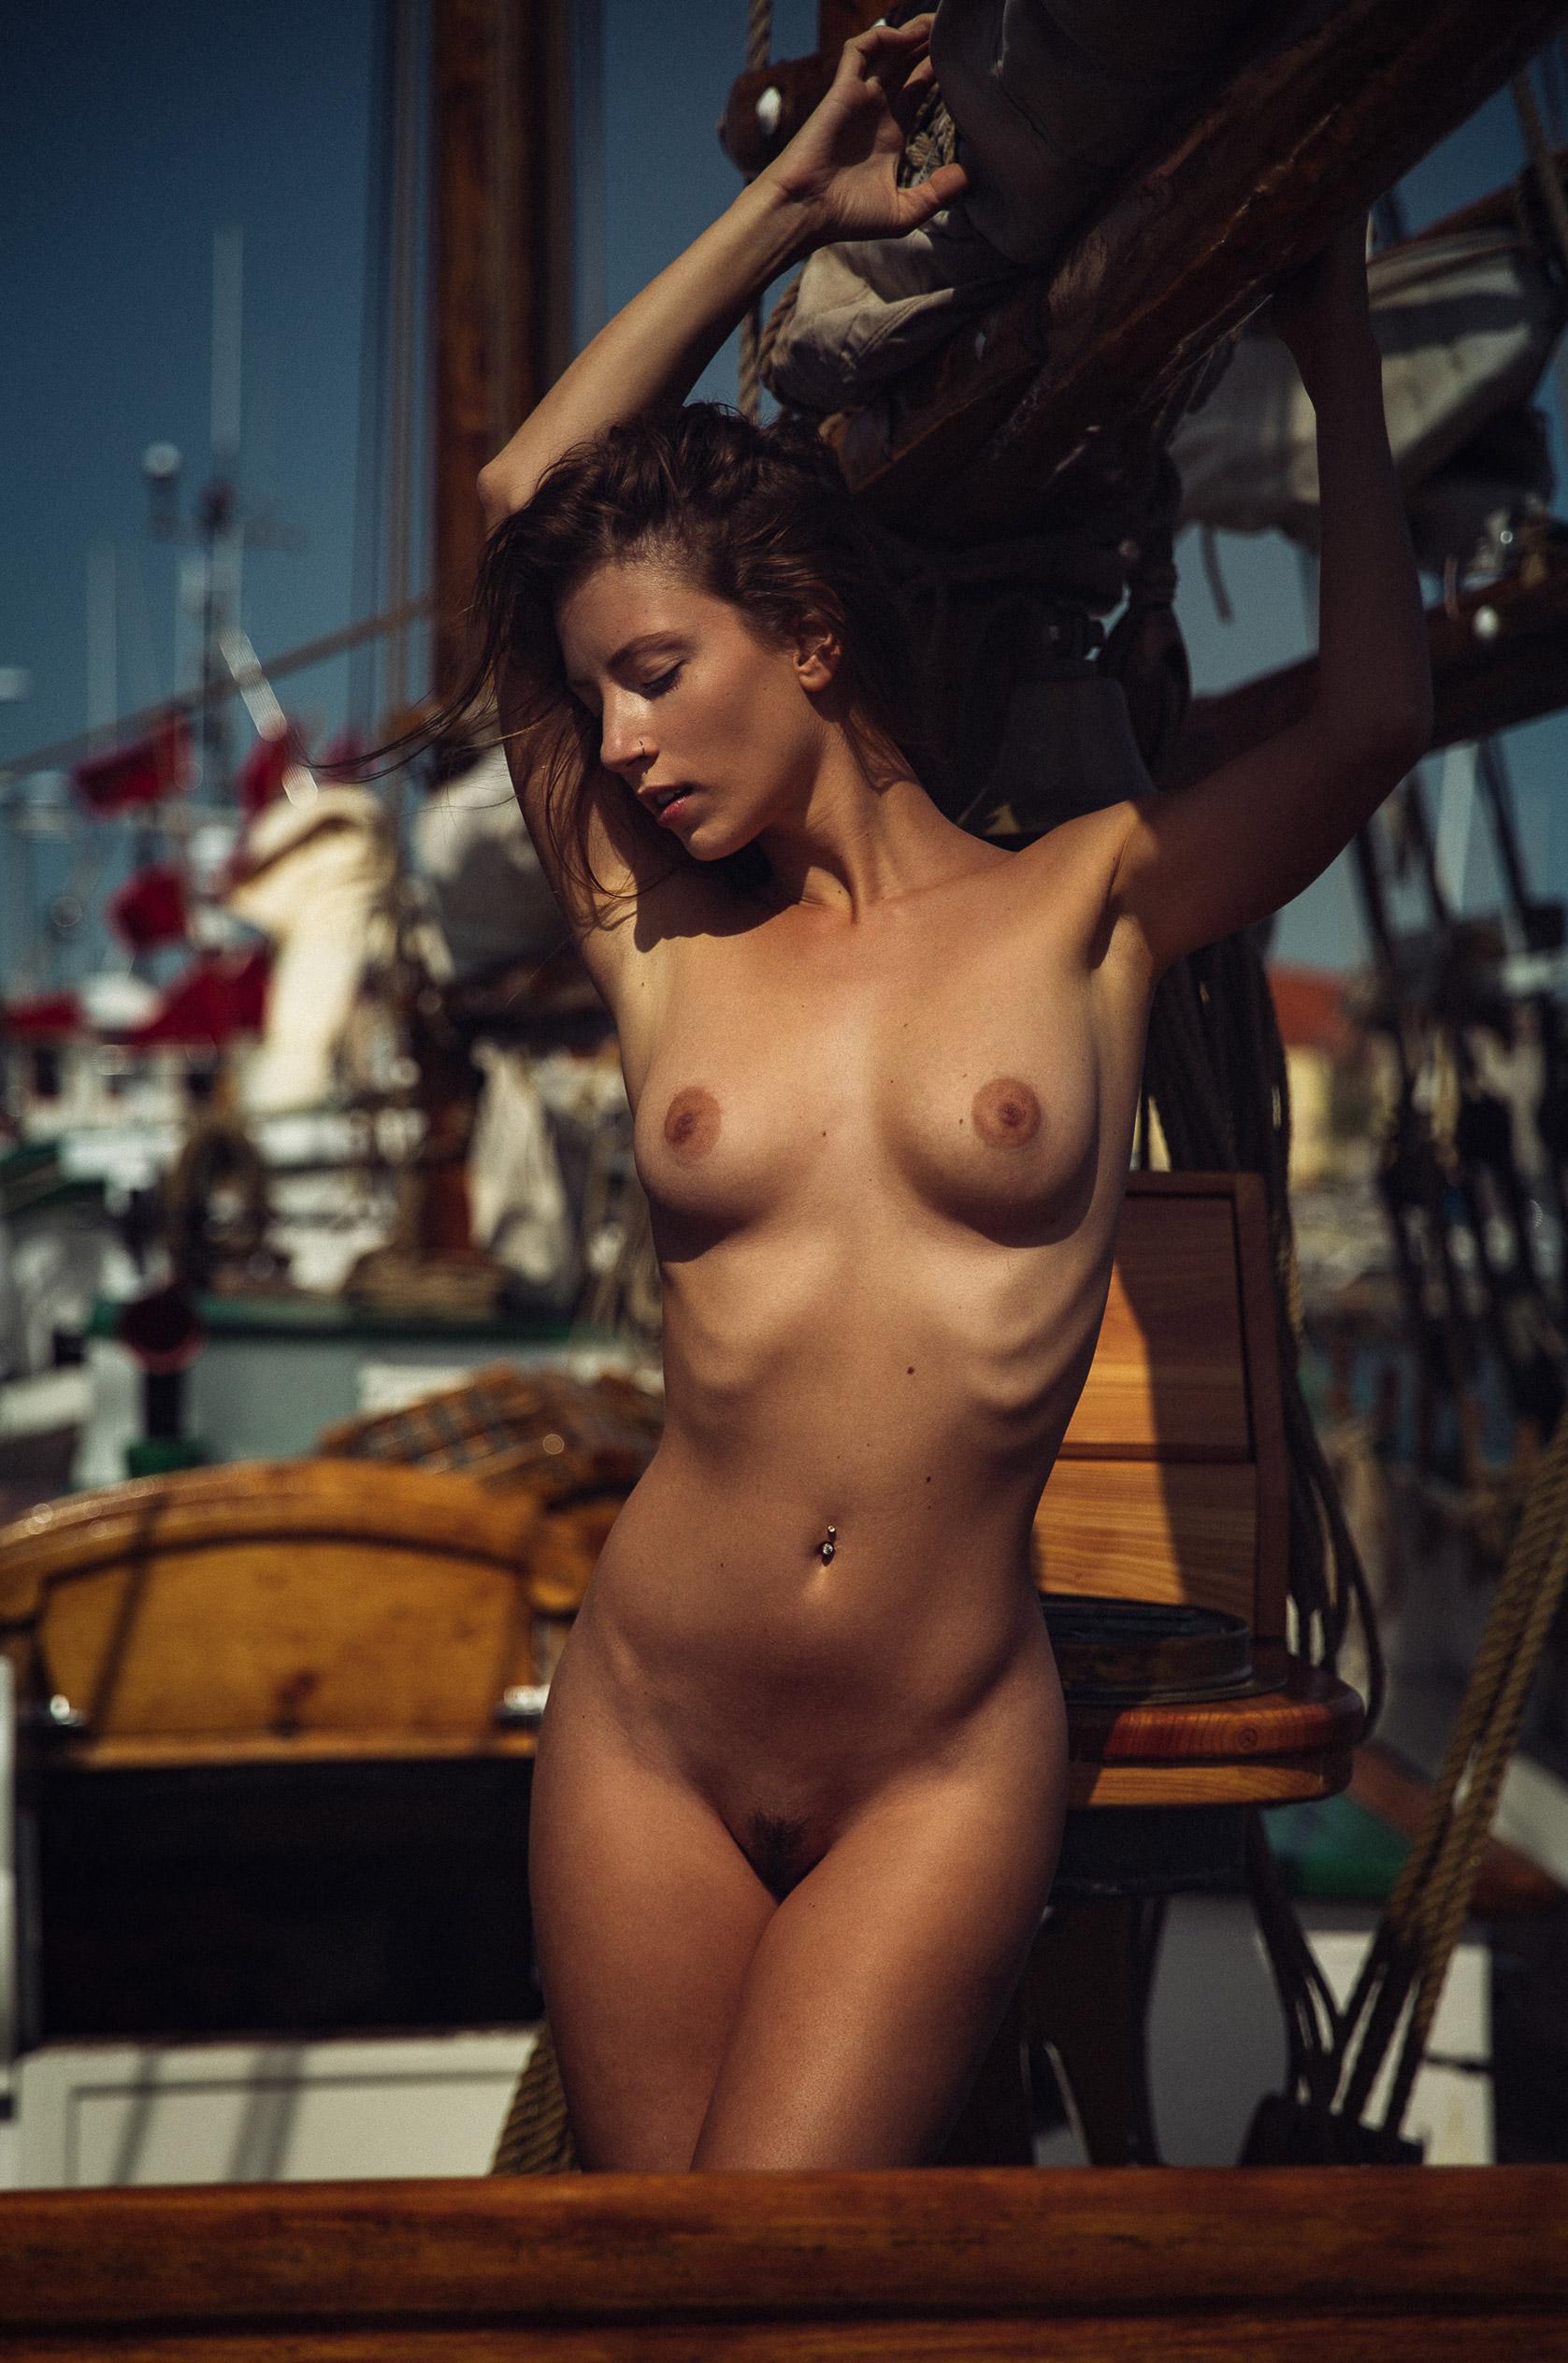 Секс под парусом / Miluniel nude by Thomas Agatz - Wooden boat